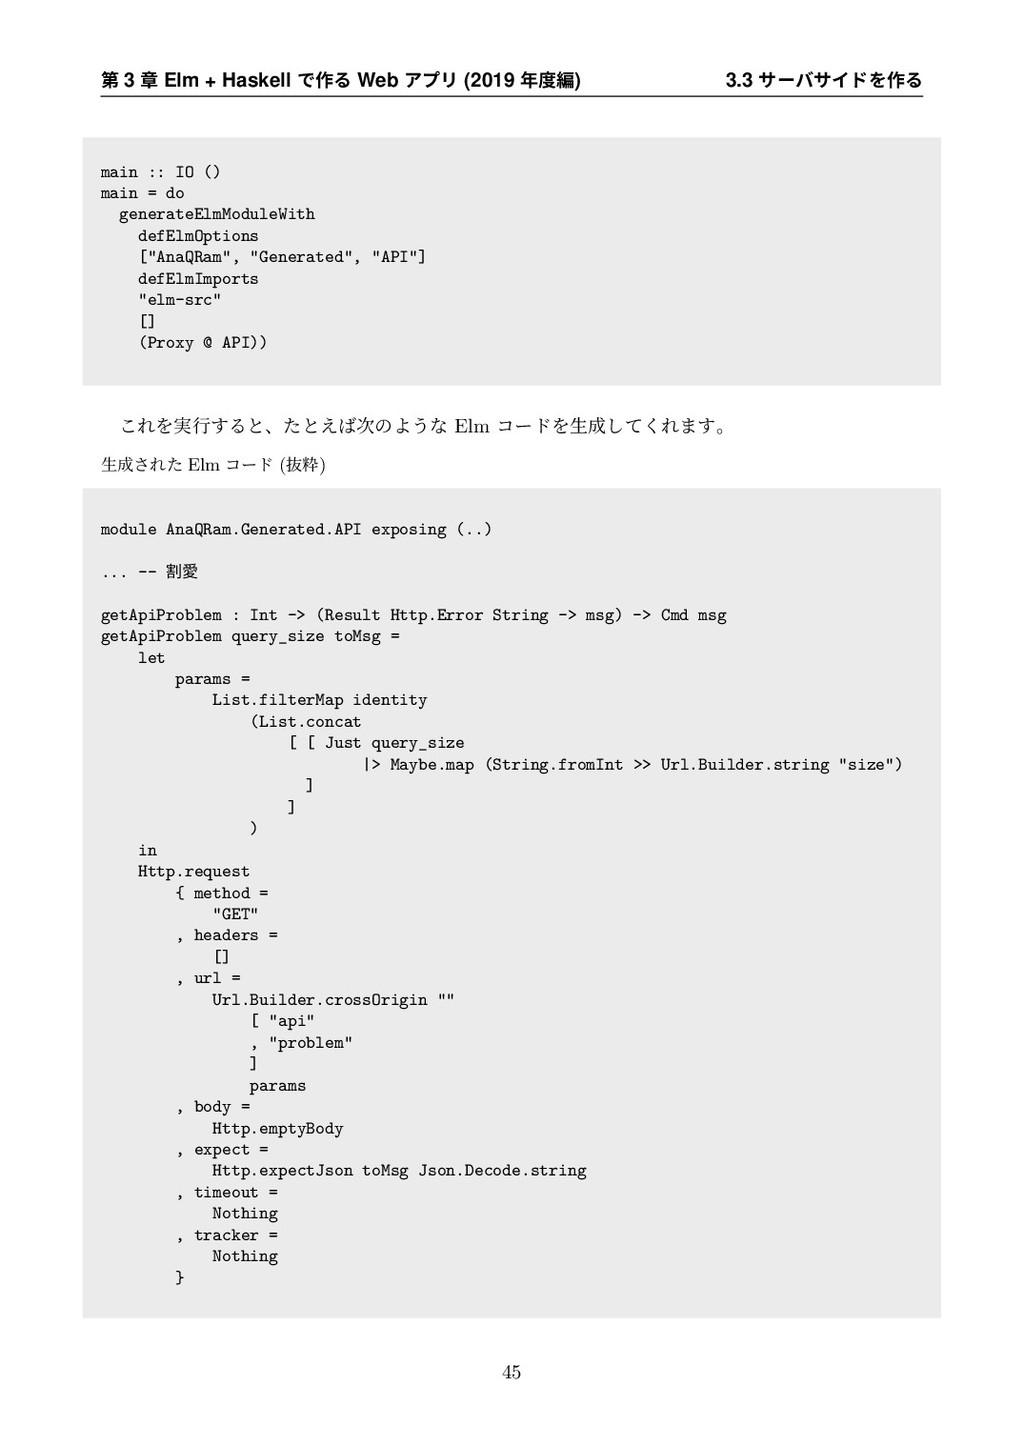 第 3 章 Elm + Haskell で作る Web アプリ (2019 年度編) 3.3 ...